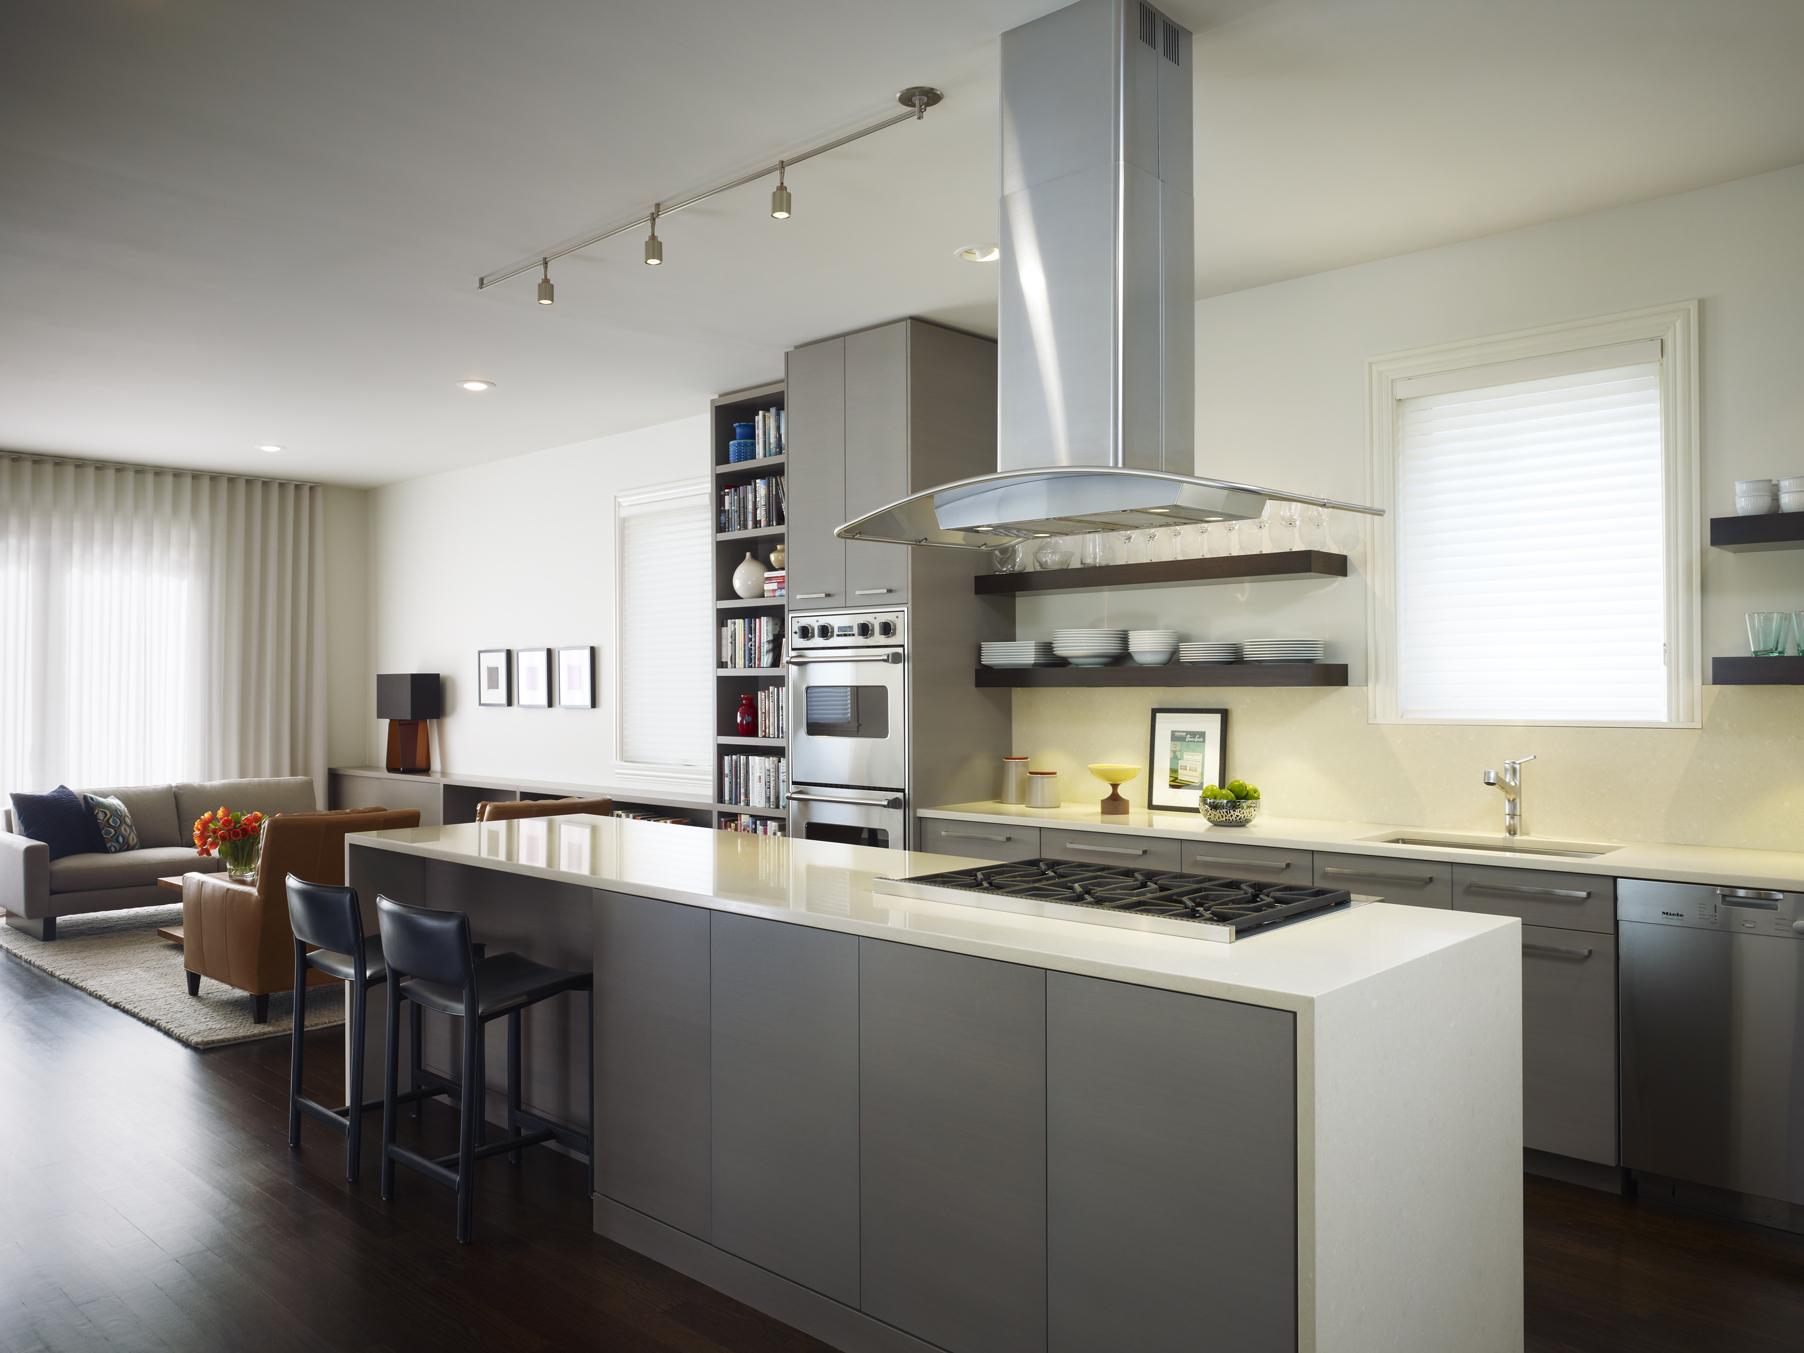 U Shaped Kitchen Renovation Ideas